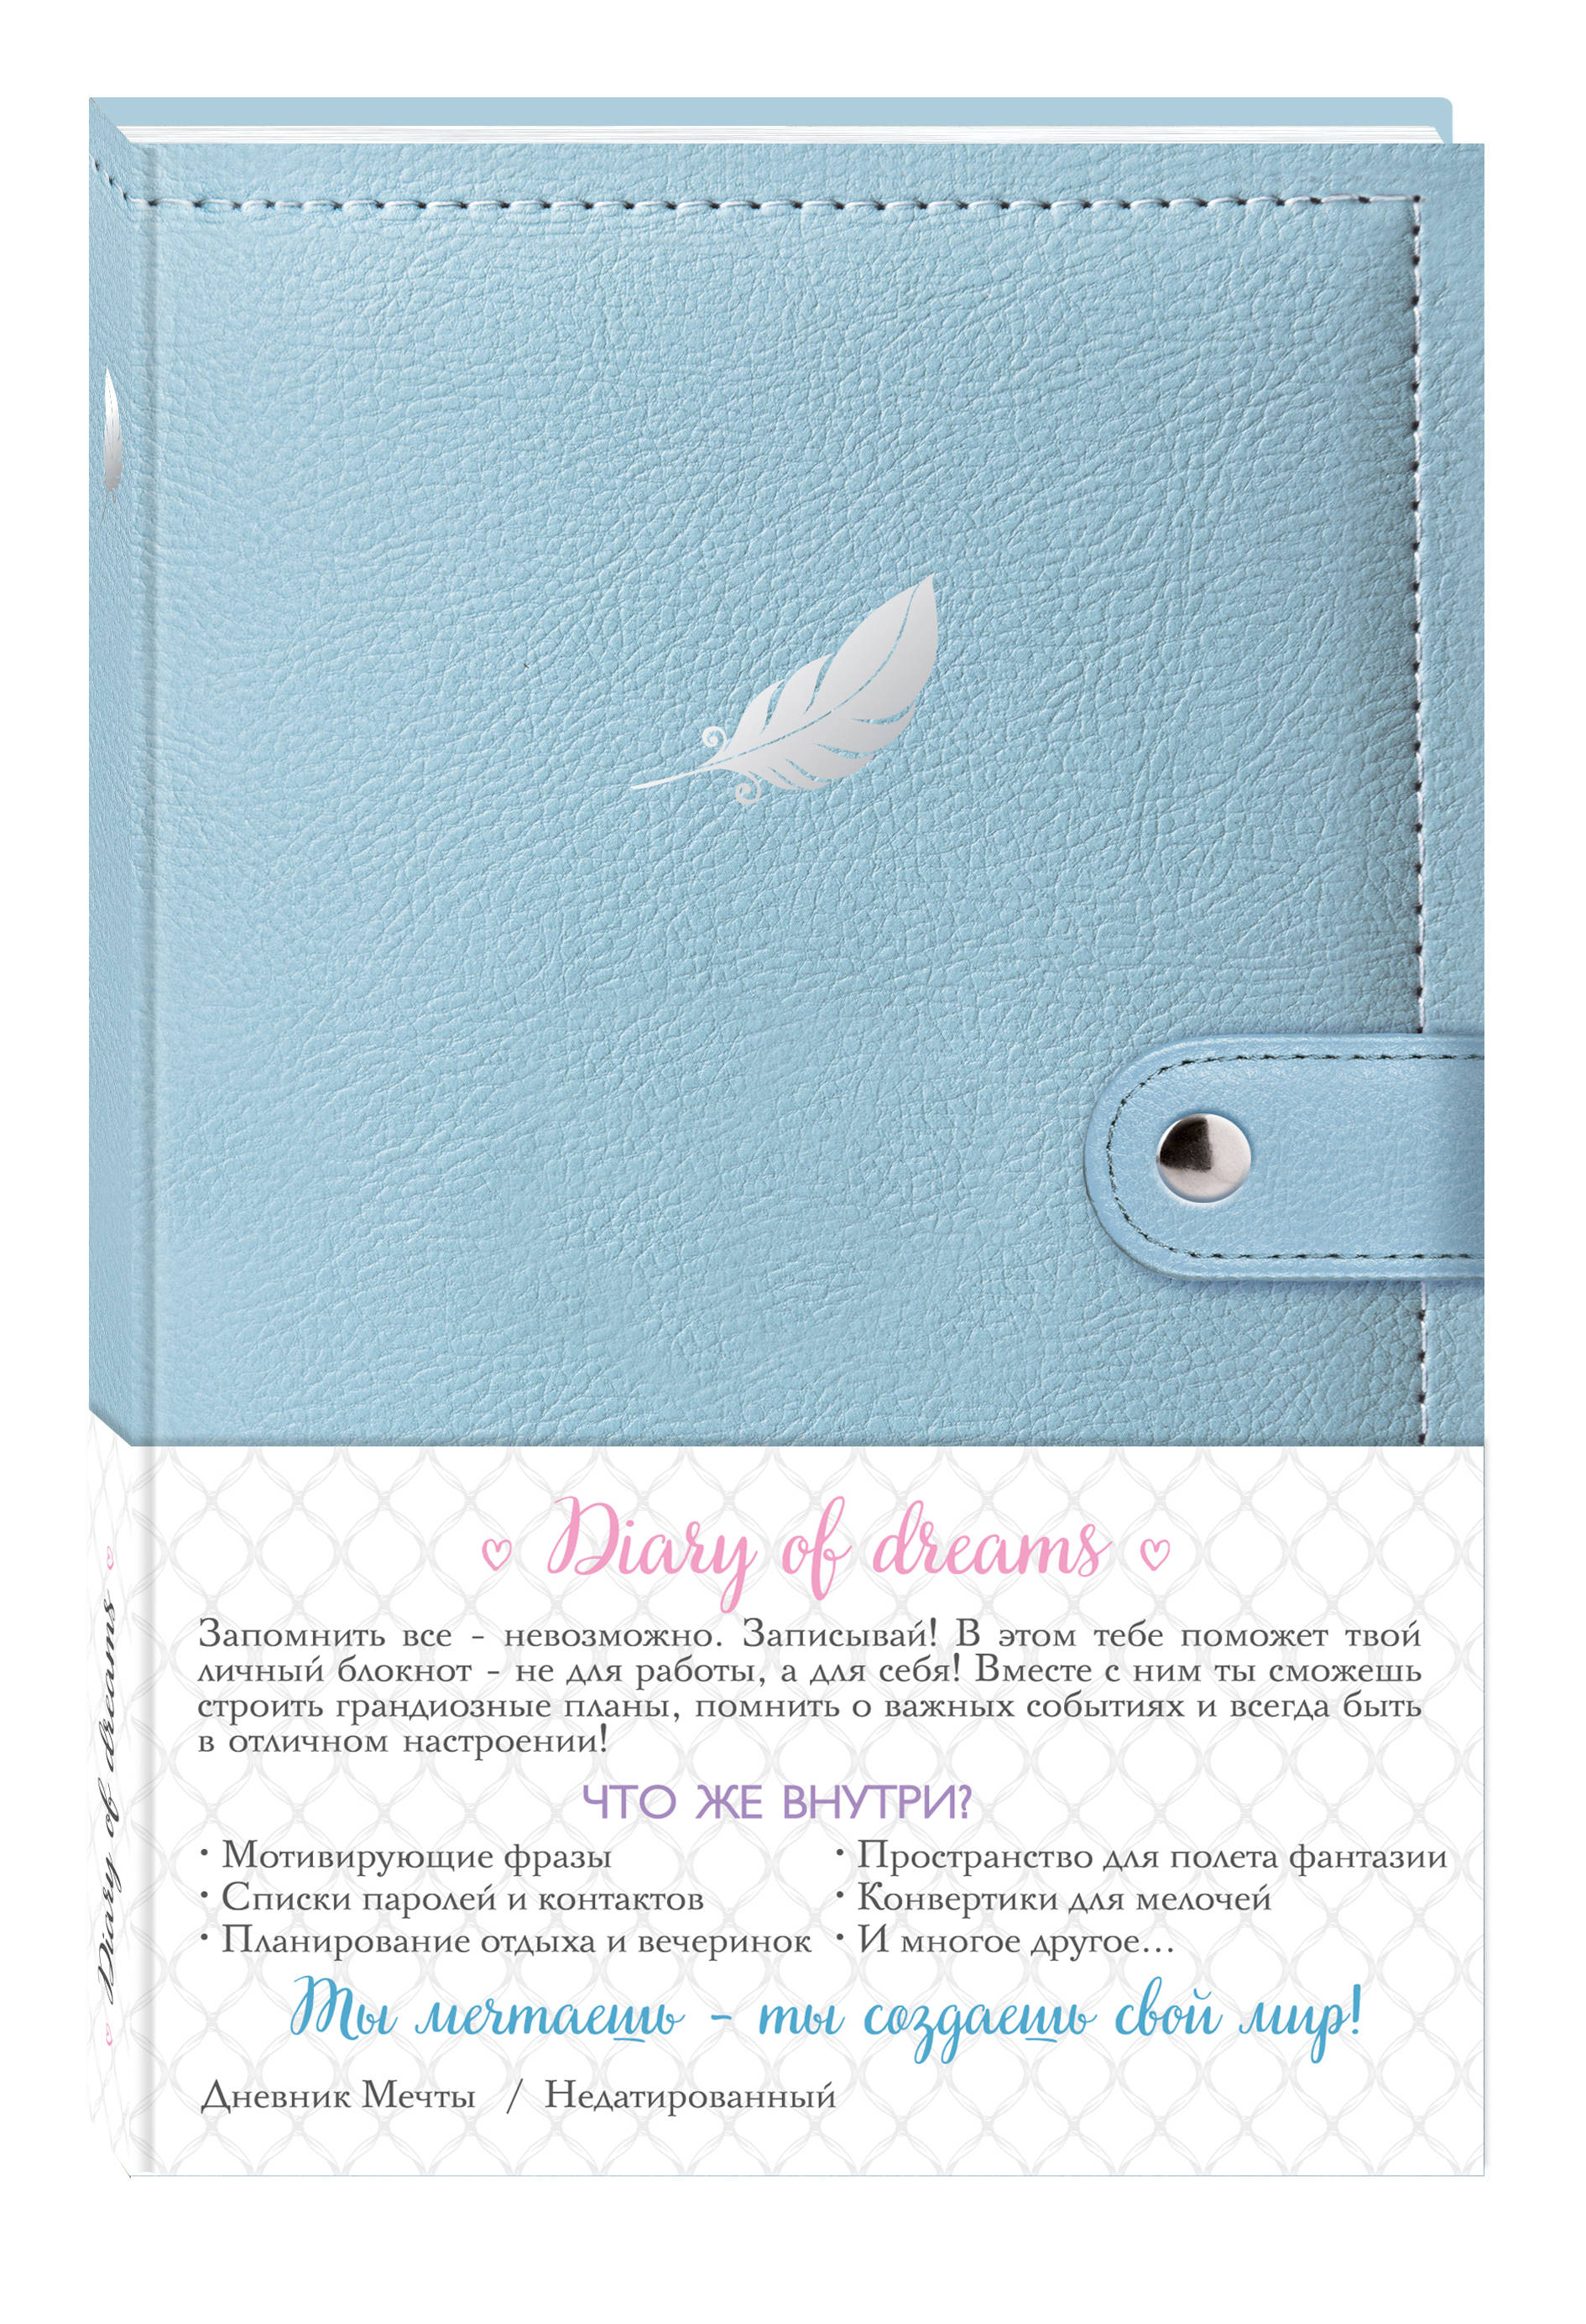 Дневник мечты (перо) ирина горюнова армянский дневник цавд танем